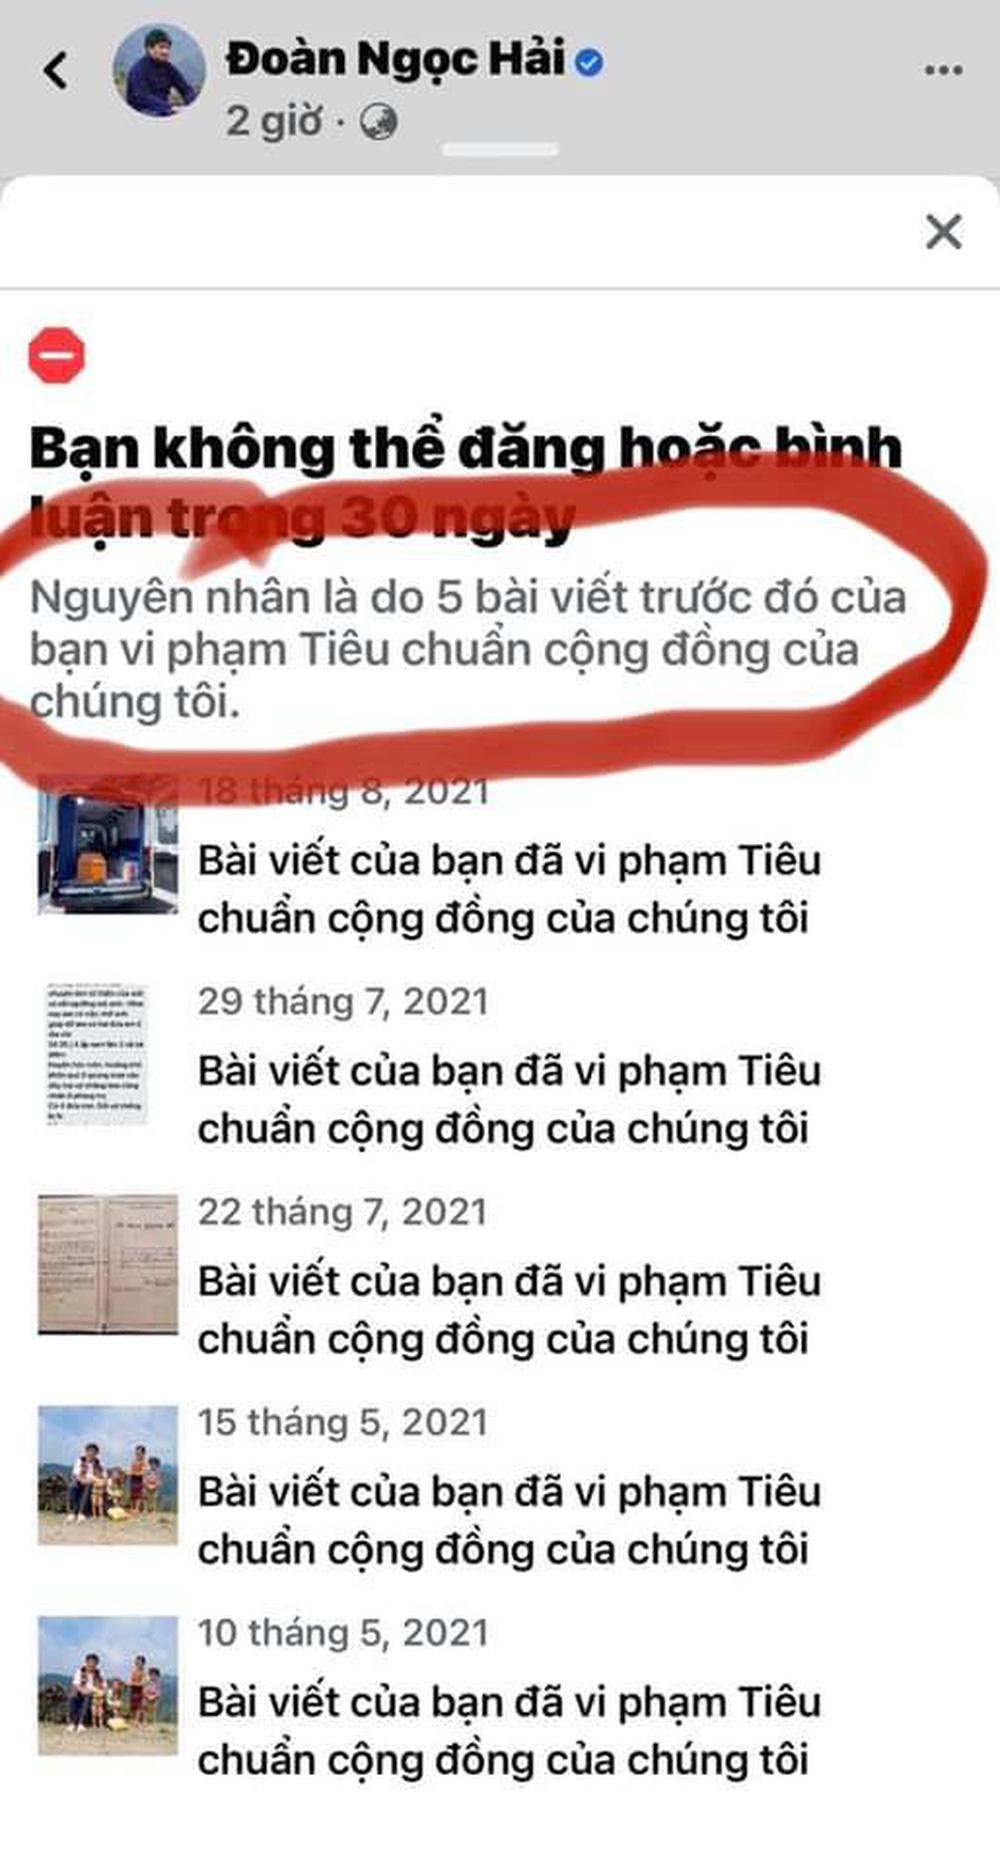 Giữa 'cơn bão bay màu' vì share link, Facebook ông Đoàn Ngọc Hải cũng bị khóa 30 ngày: Lý do vì đâu? 1